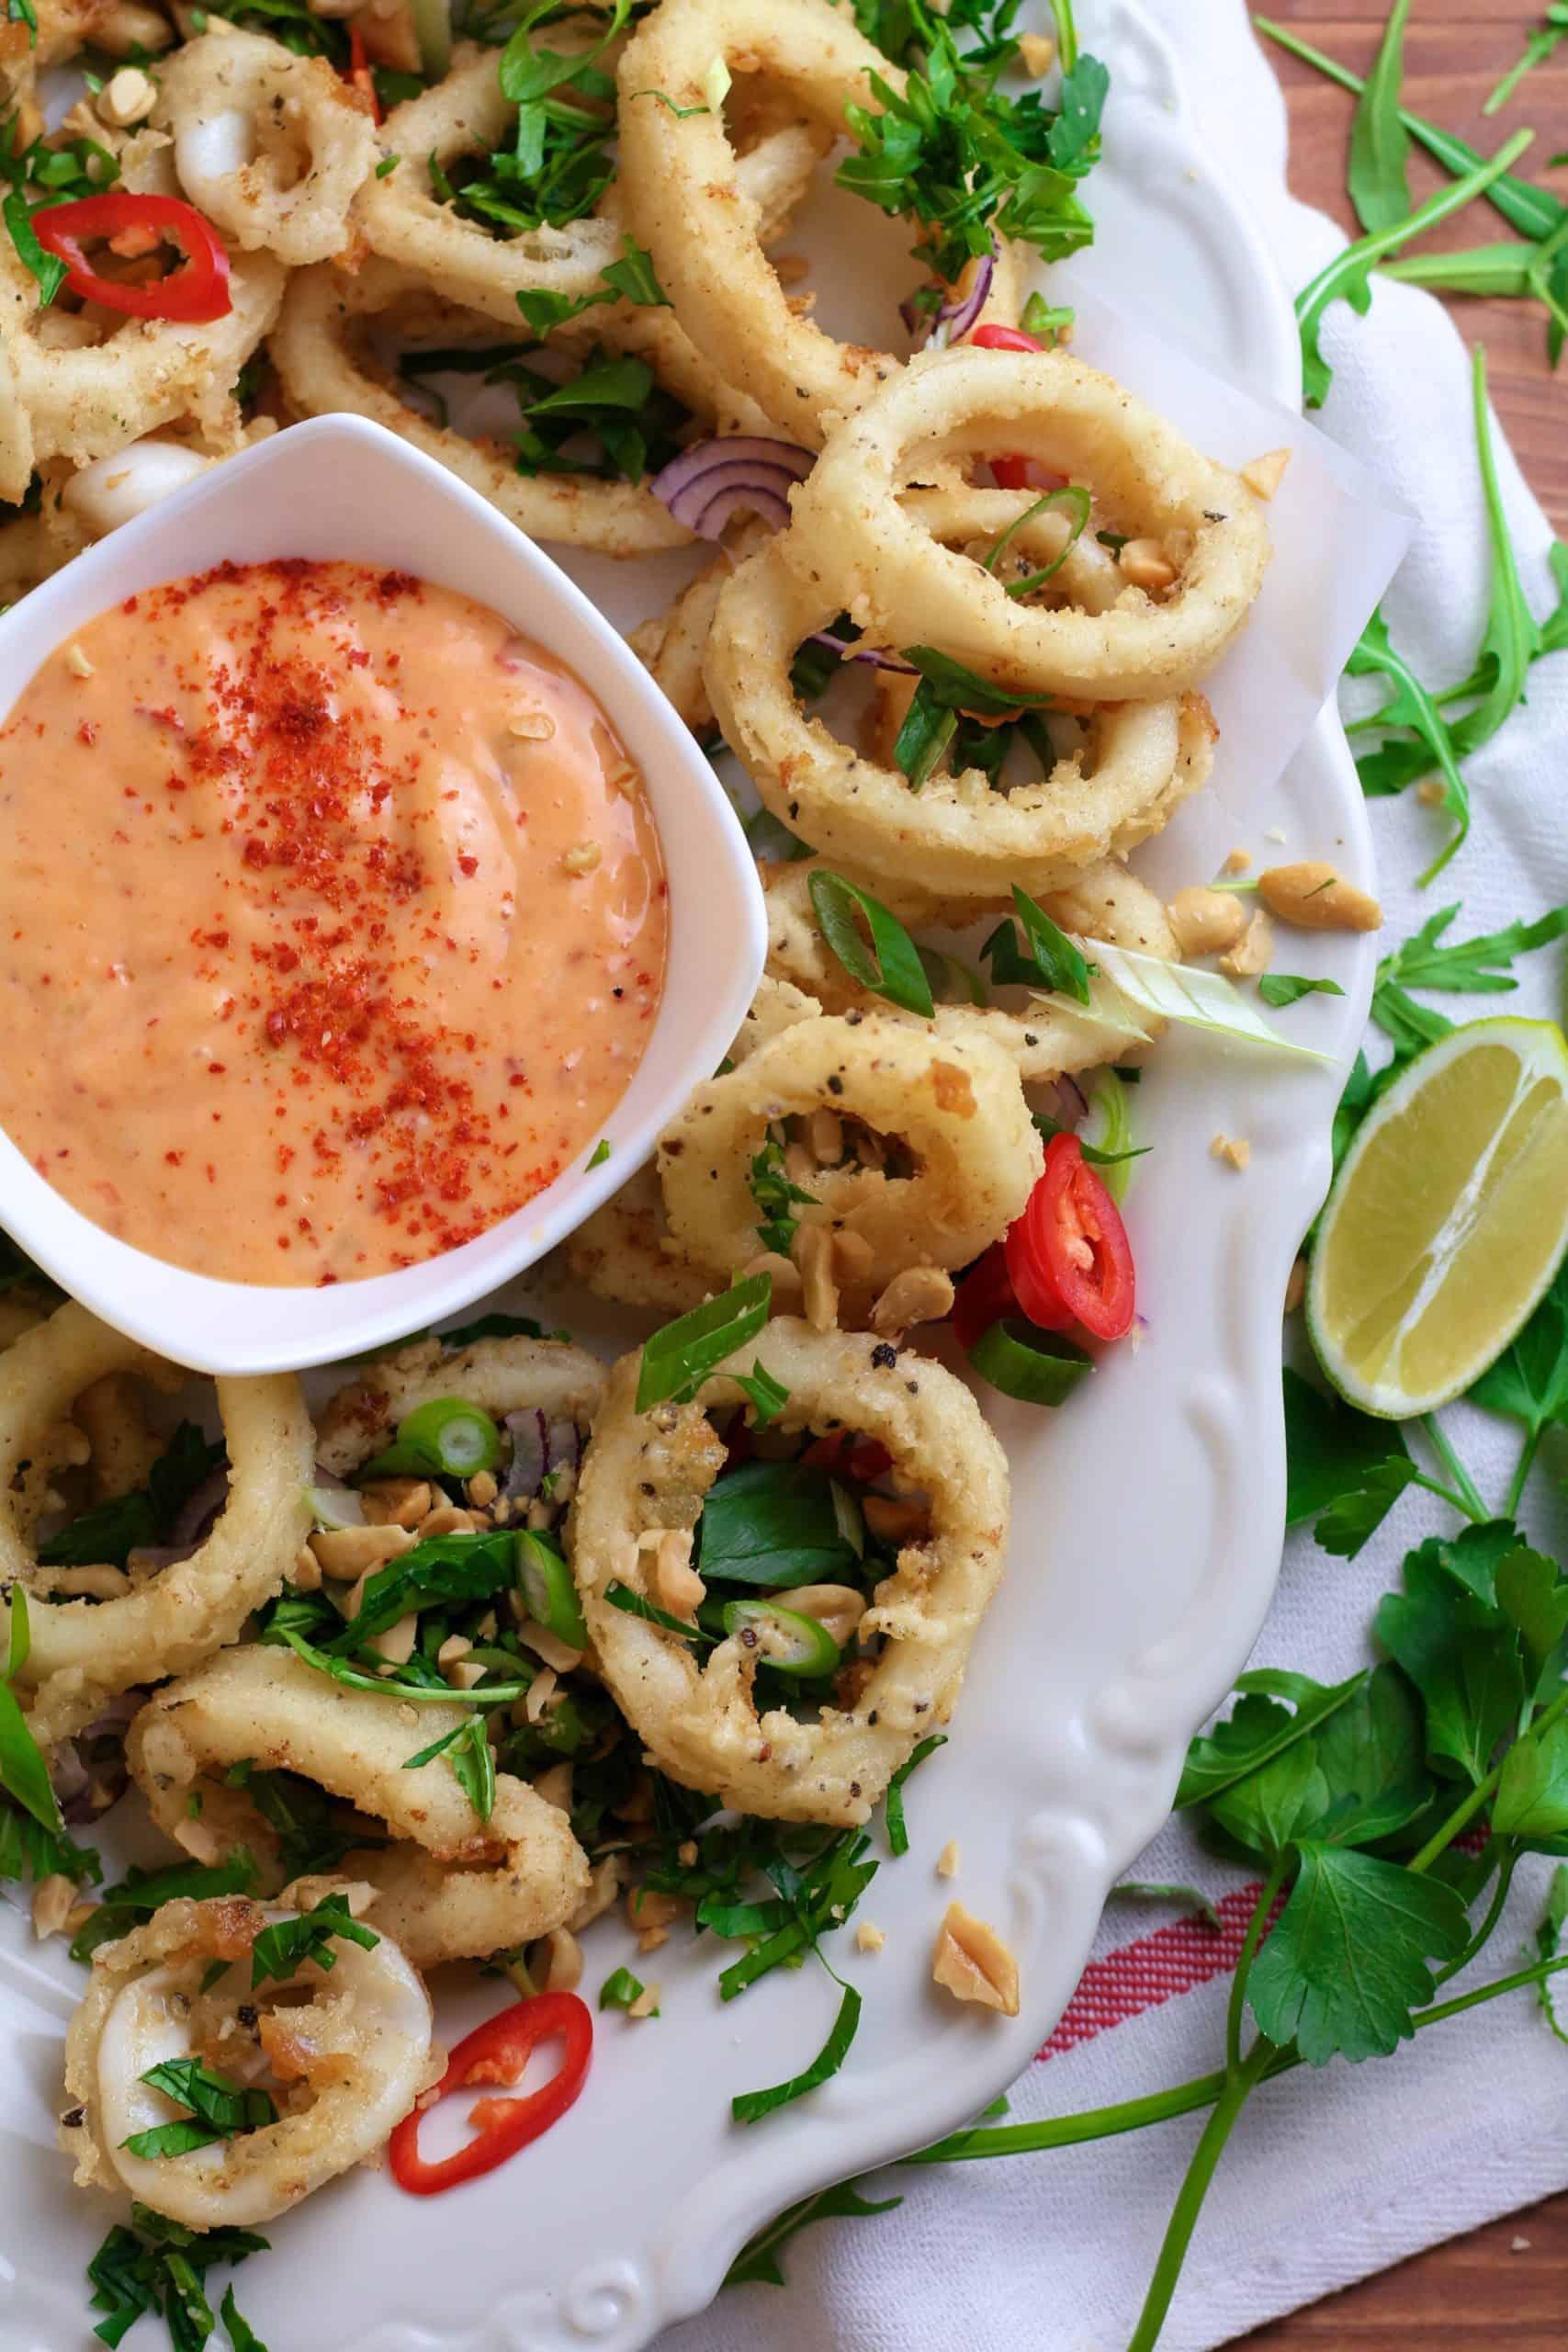 Spicy Herby Calamari Rings